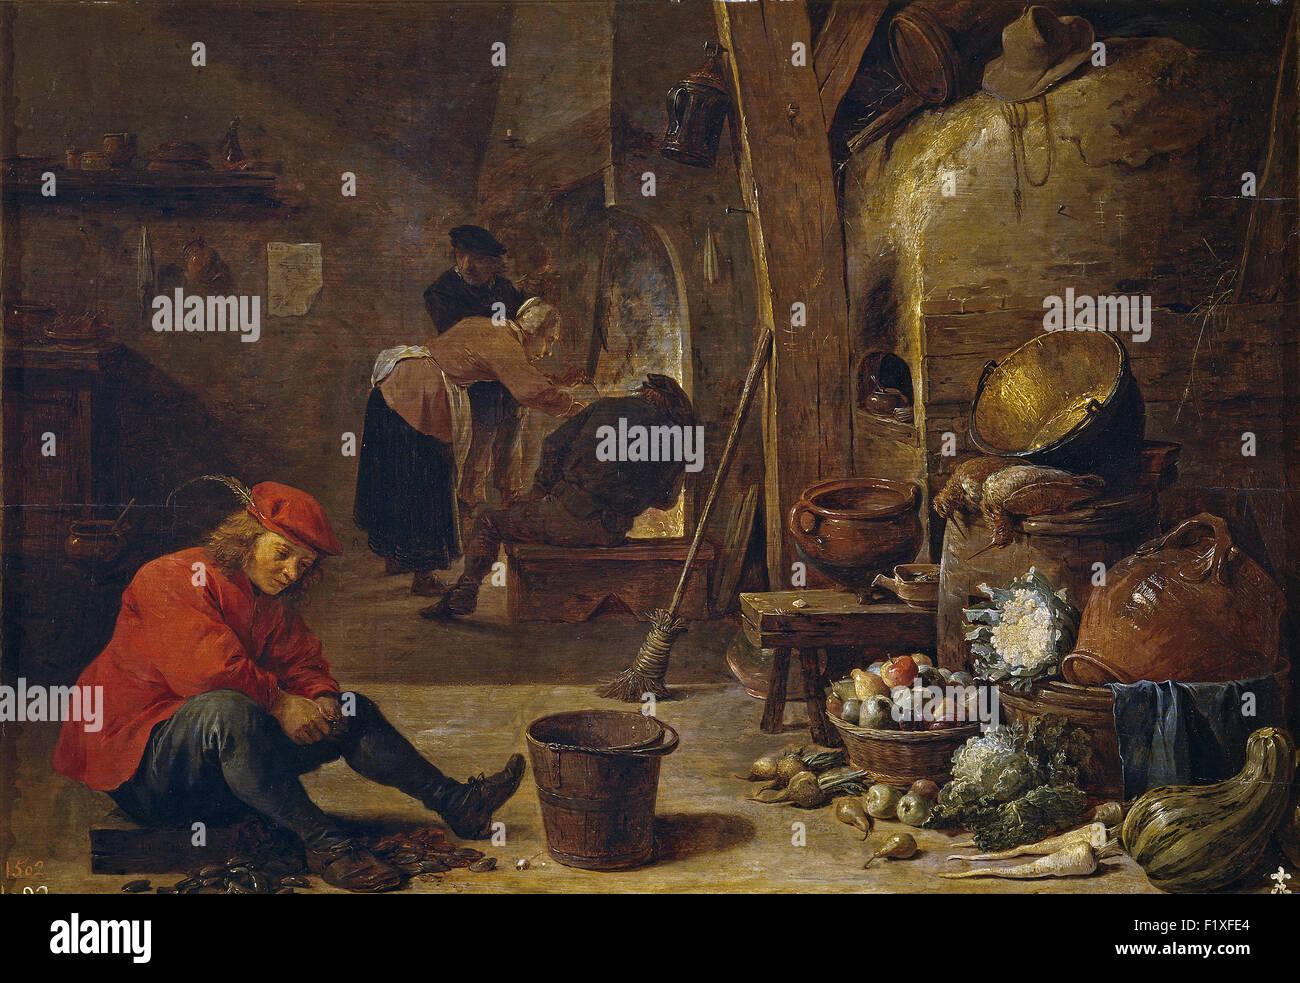 David Teniers der jüngere - die Küche Stockfoto, Bild: 87249404 - Alamy